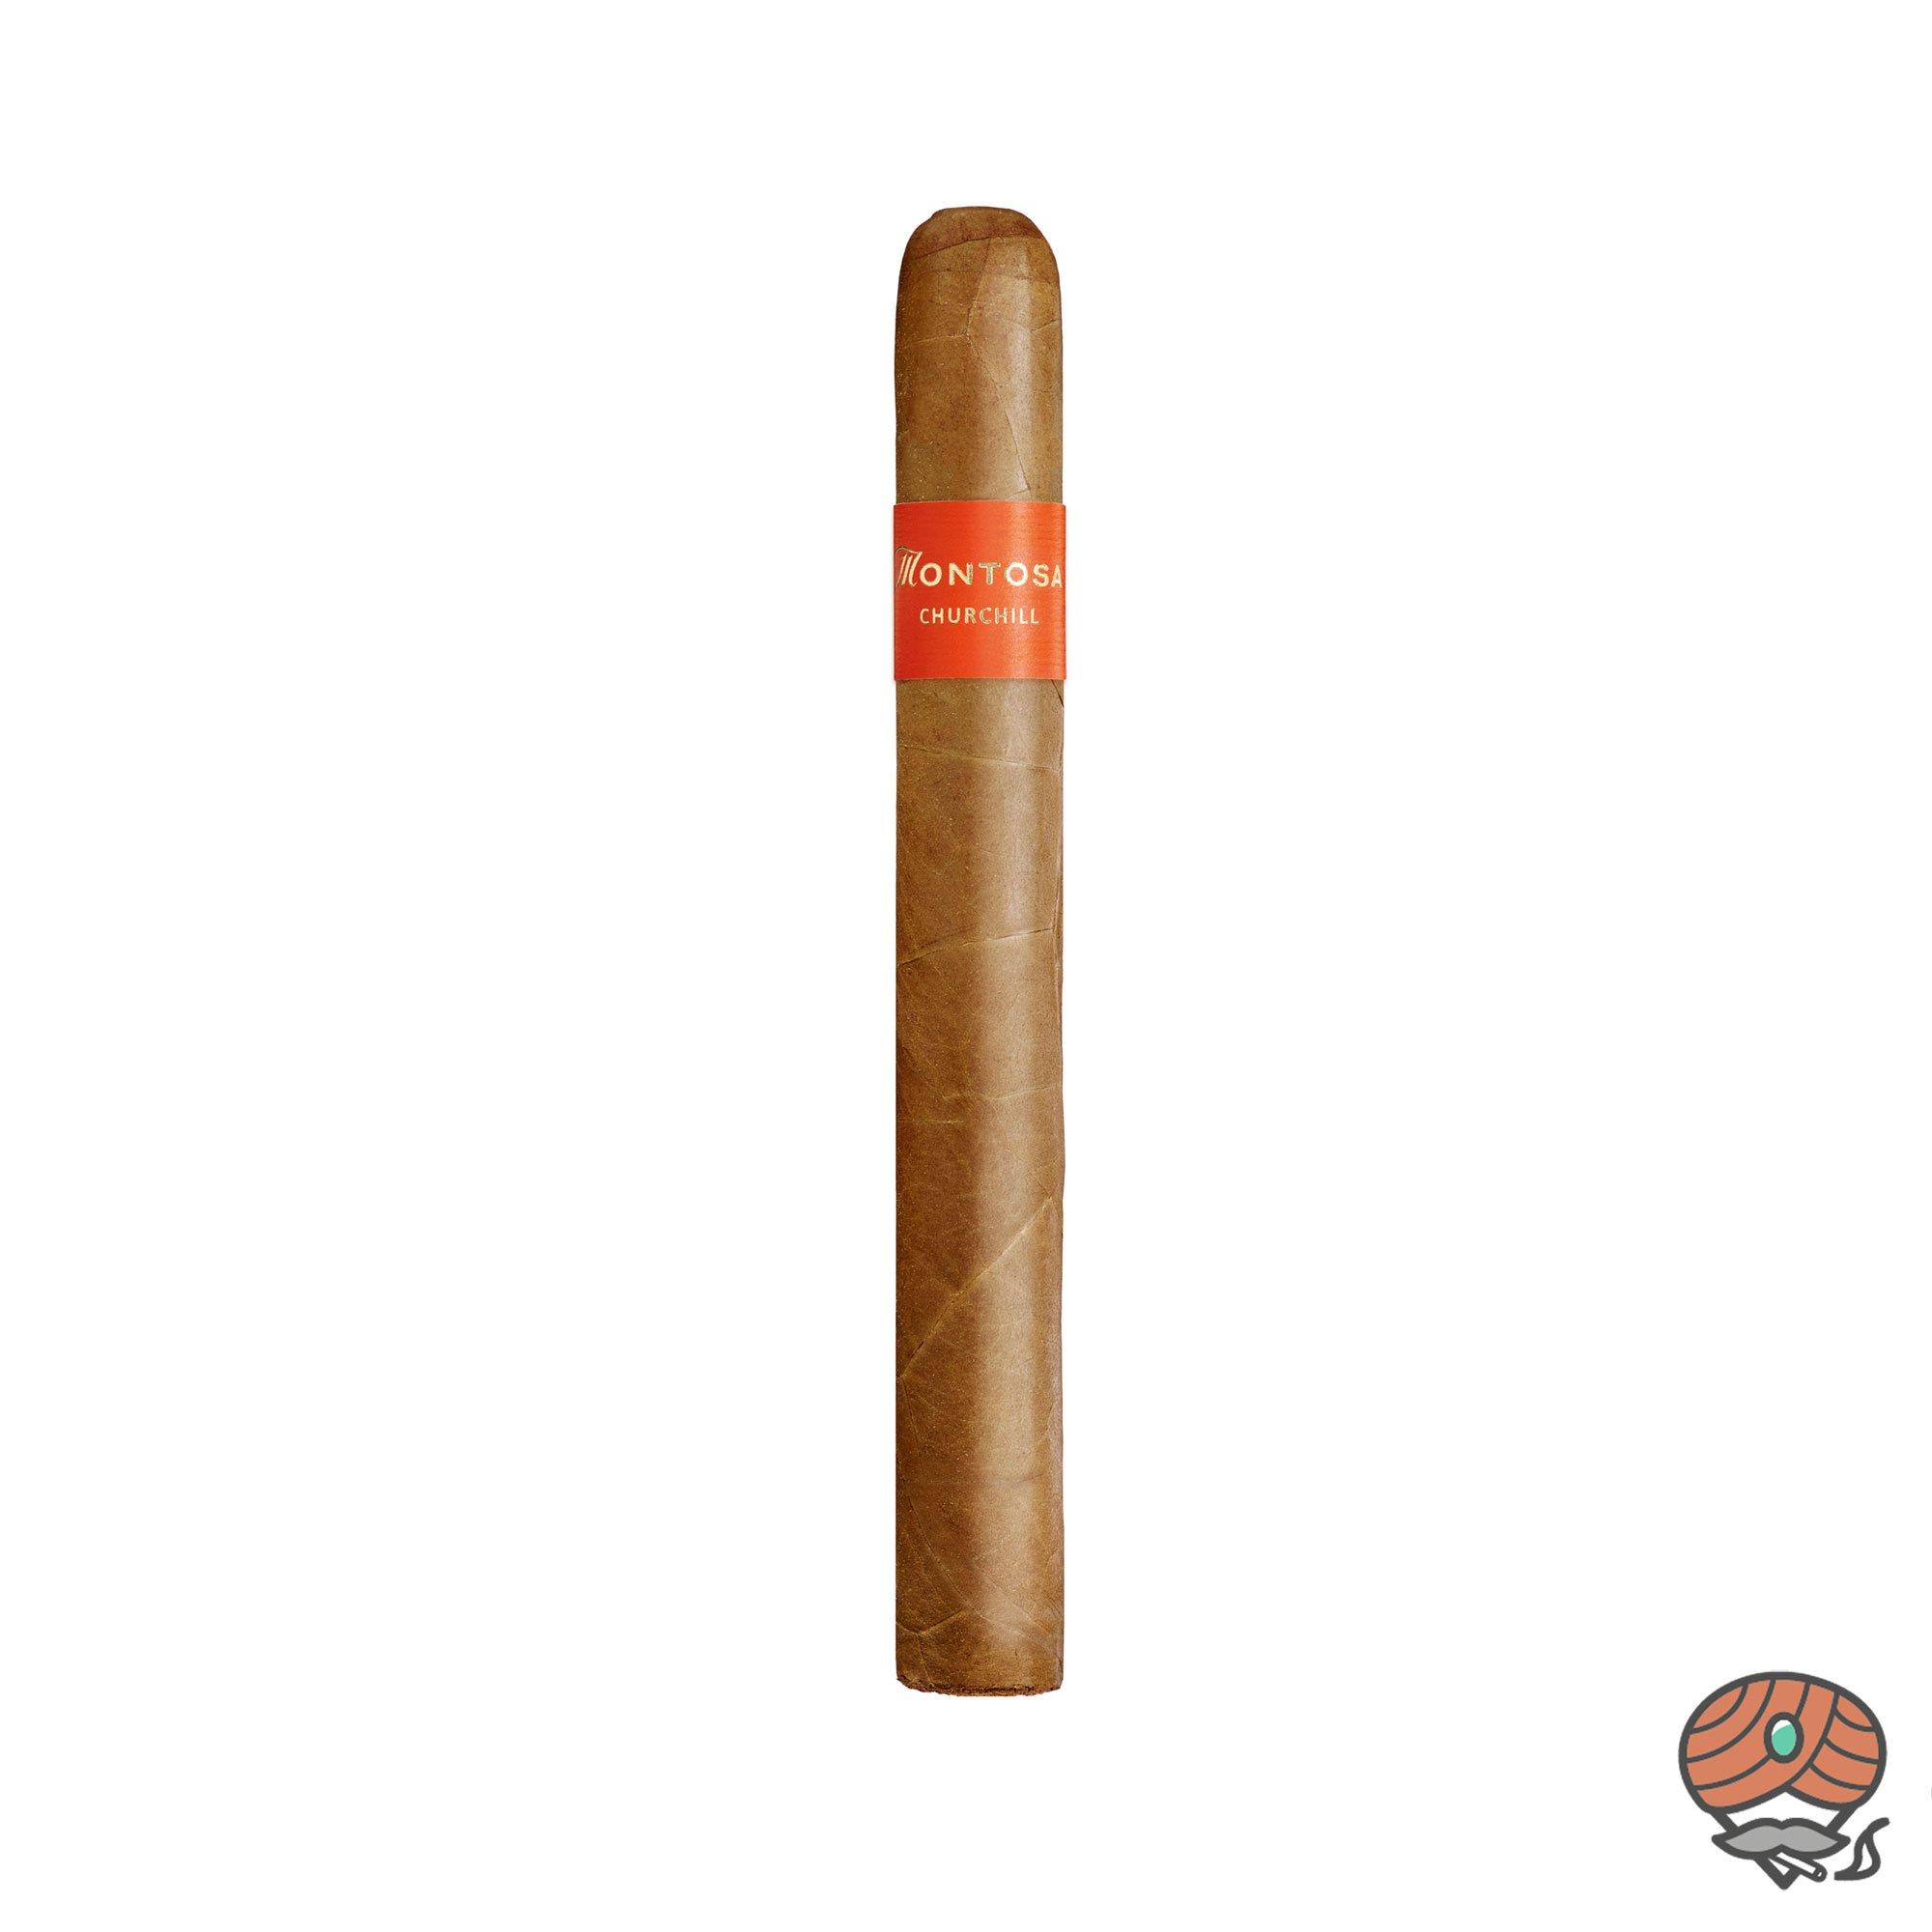 Montosa Churchill Zigarre, Dominikanische Republik